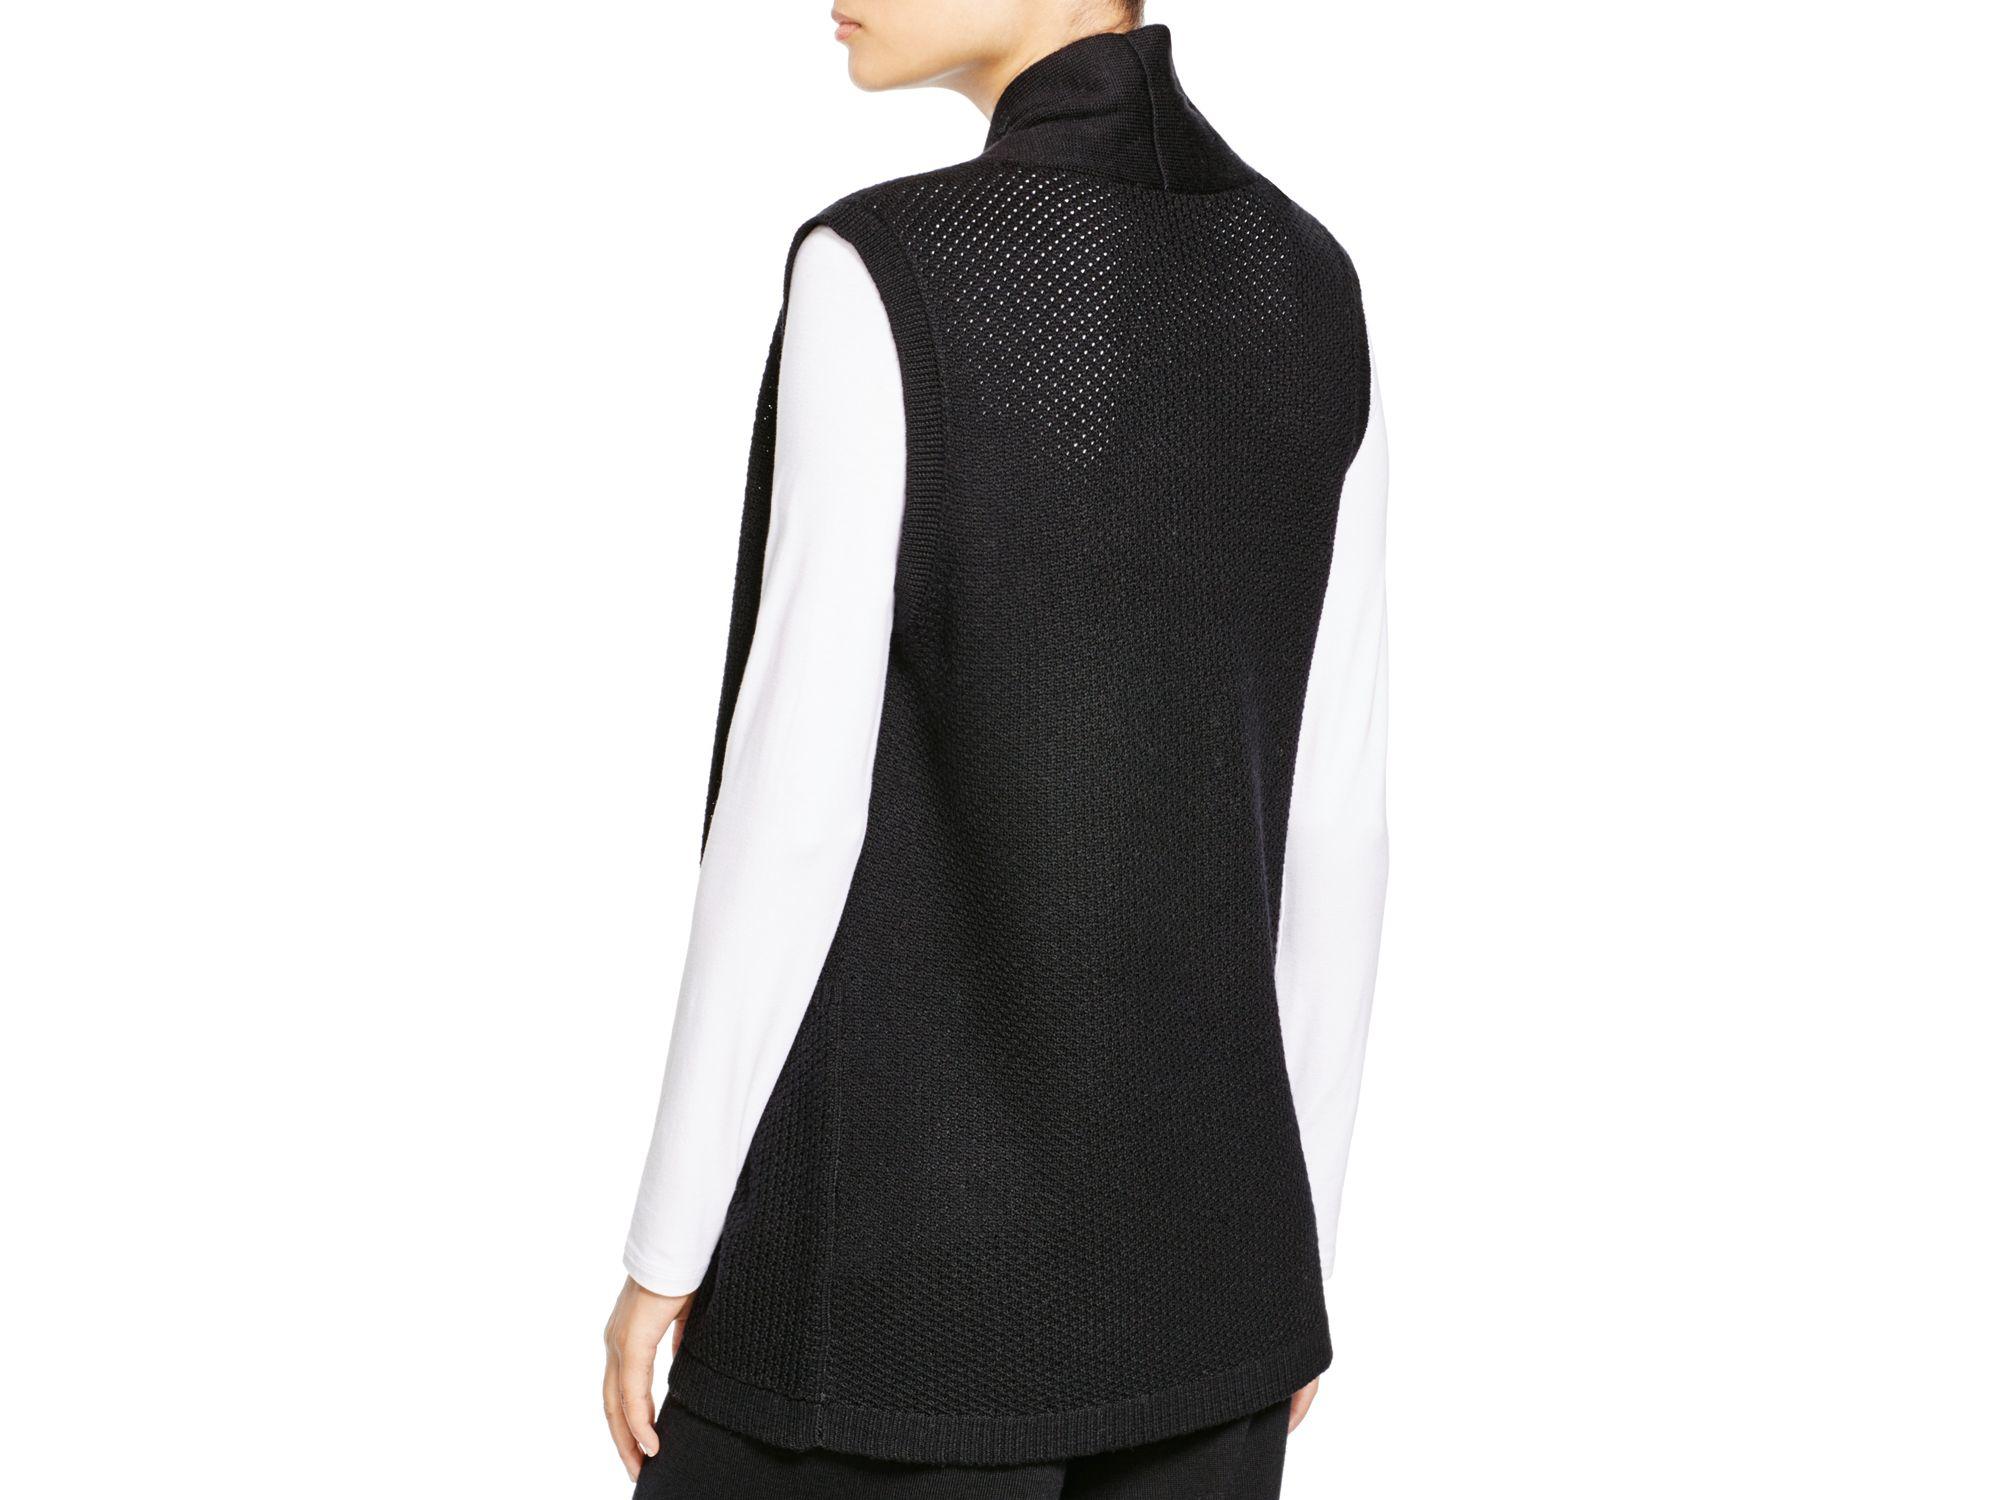 Eileen fisher Merino Wool Sweater Vest in Black | Lyst